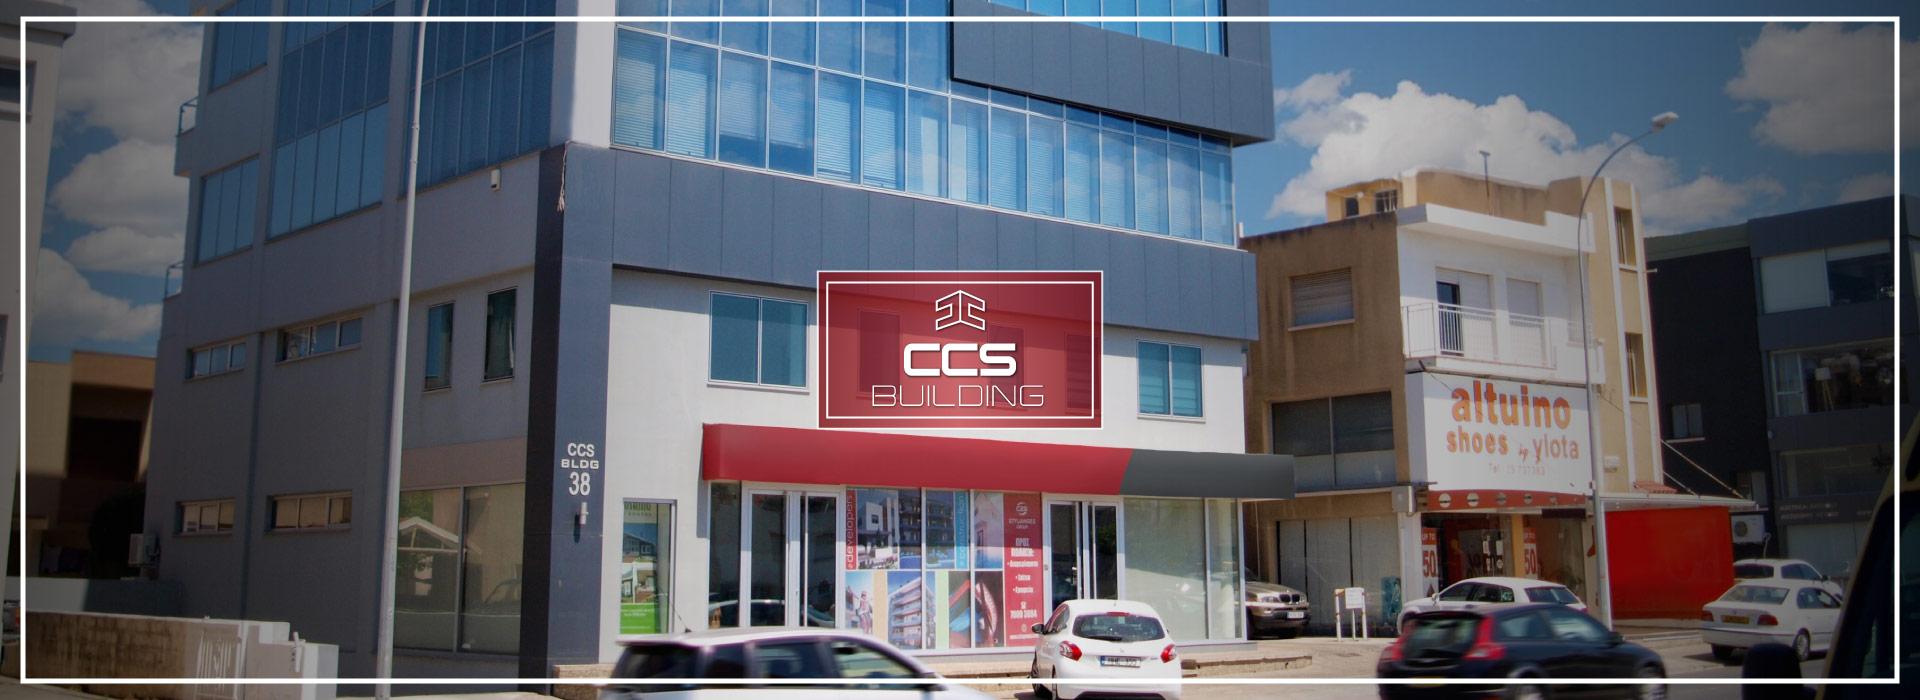 CCS BUILDING